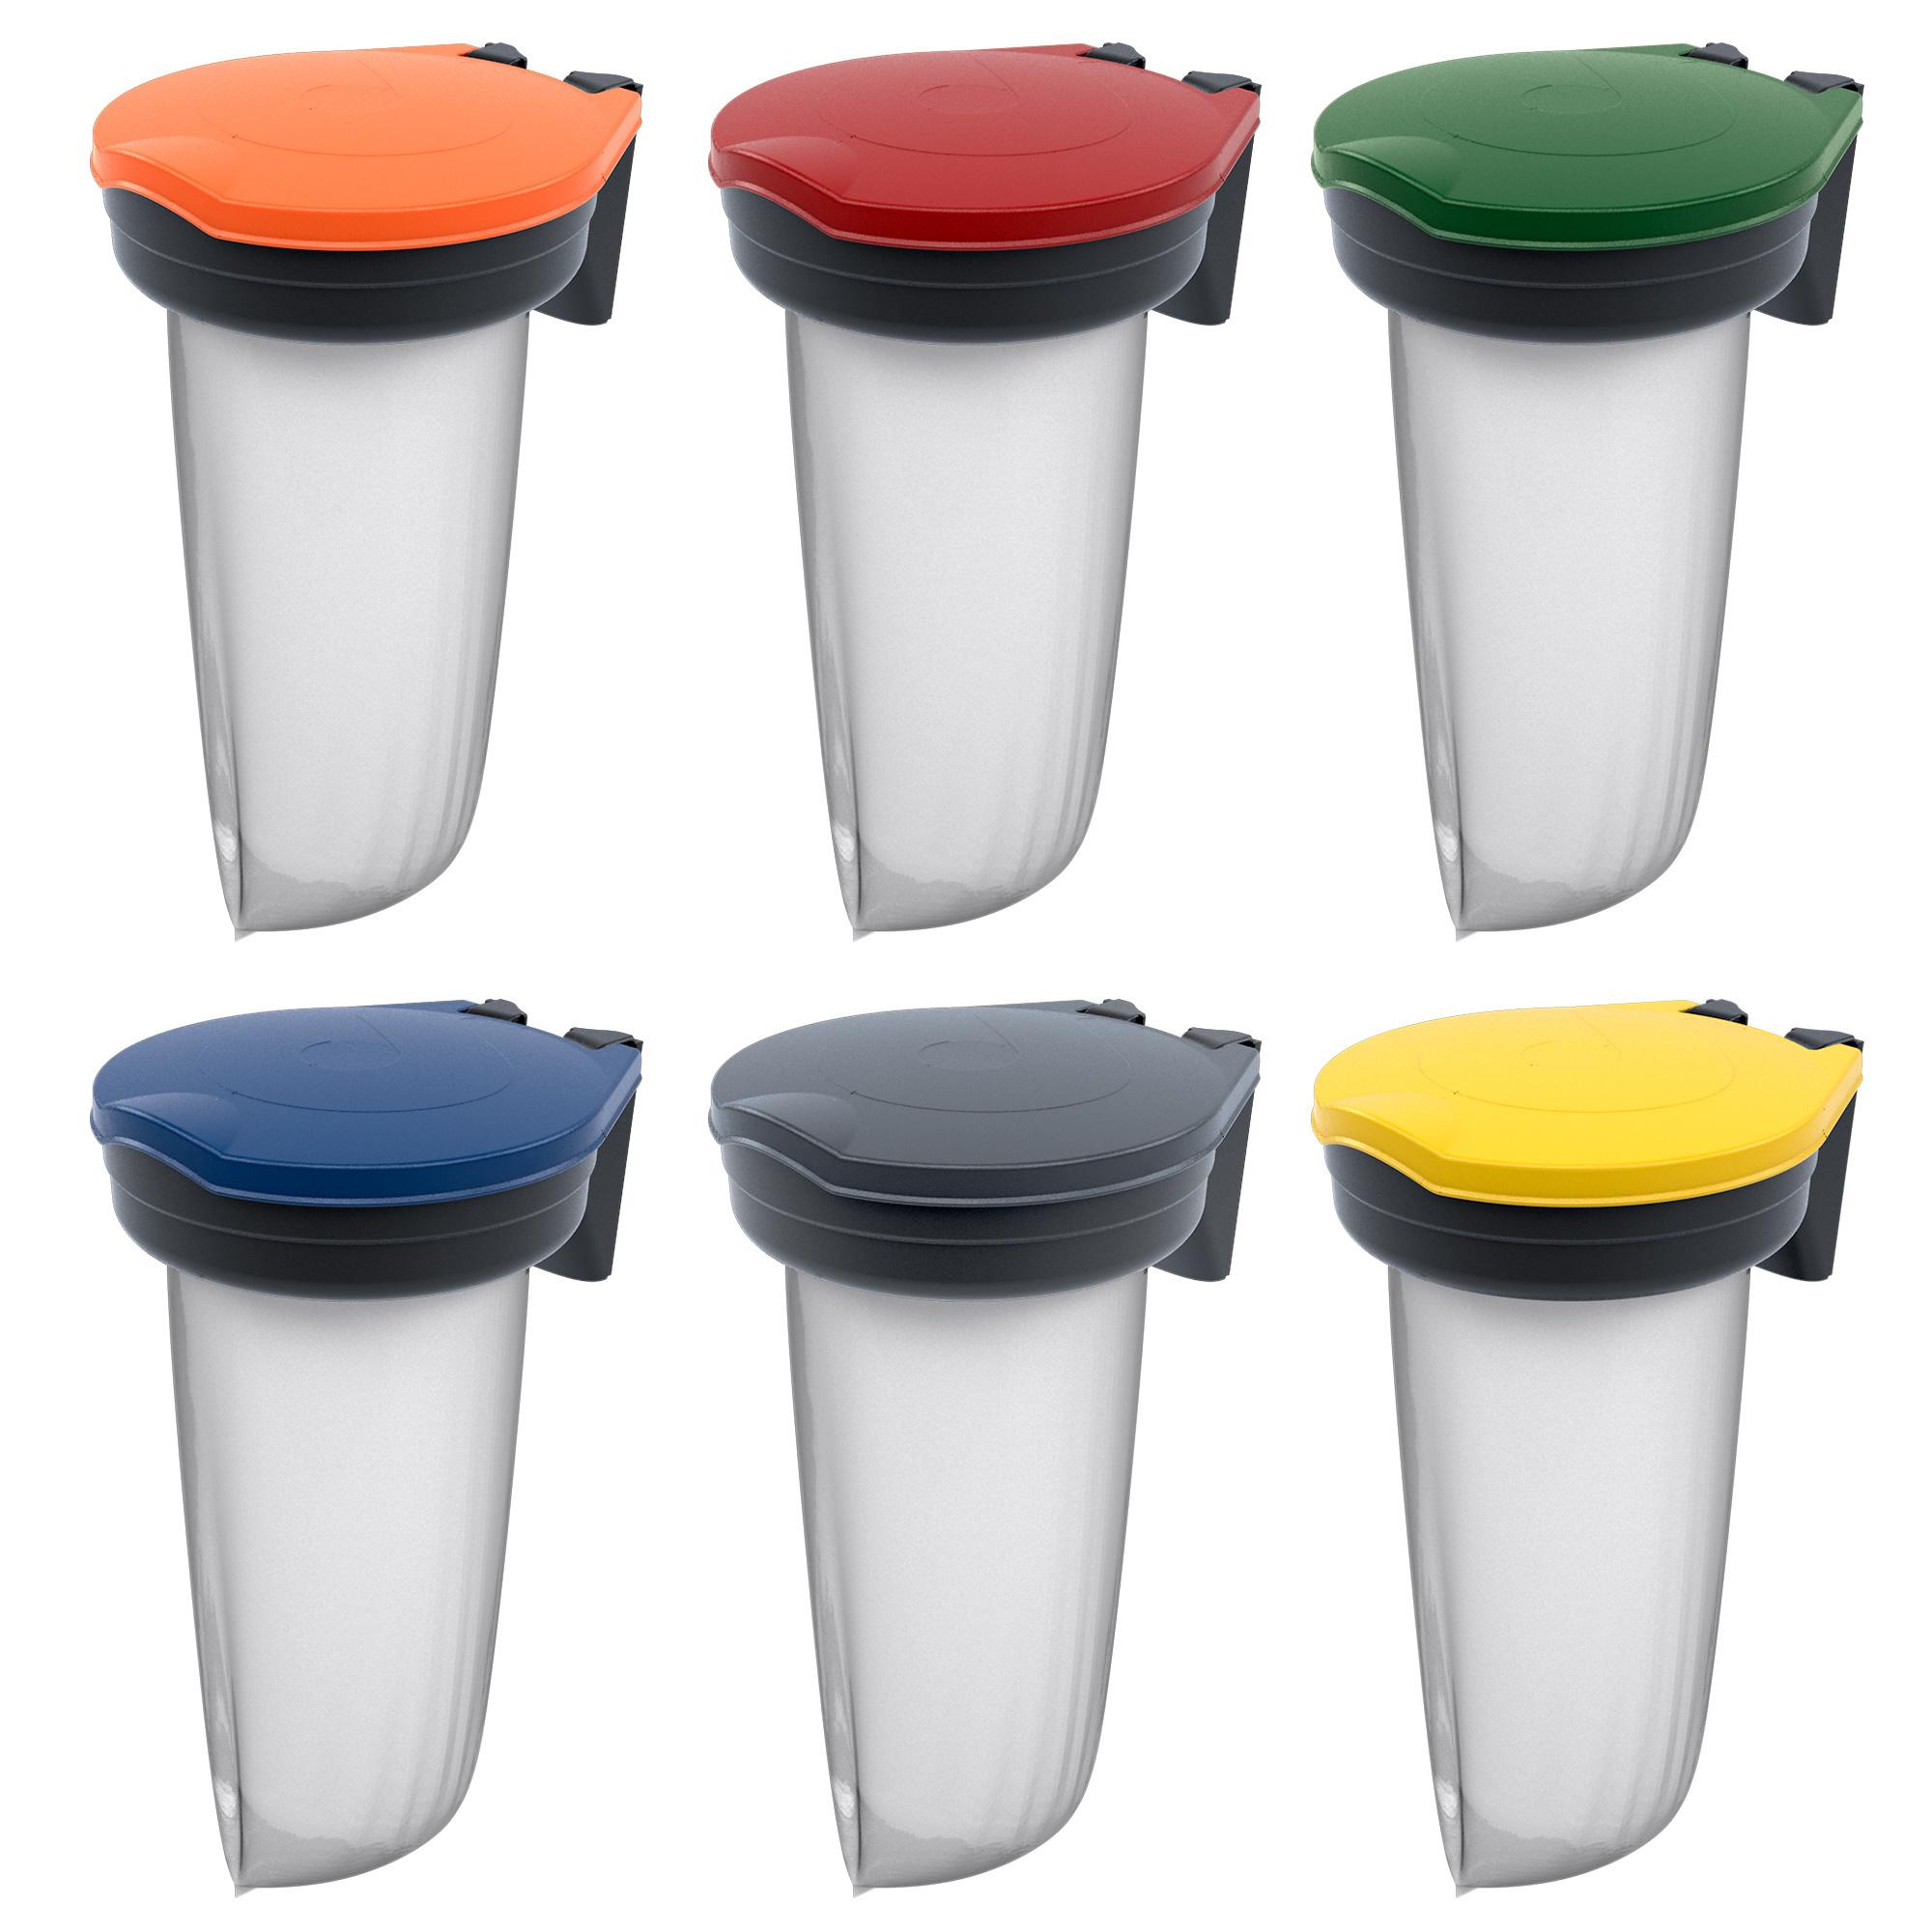 SKIPPER SKIPPER vuilnisemmer - meerdere kleuren